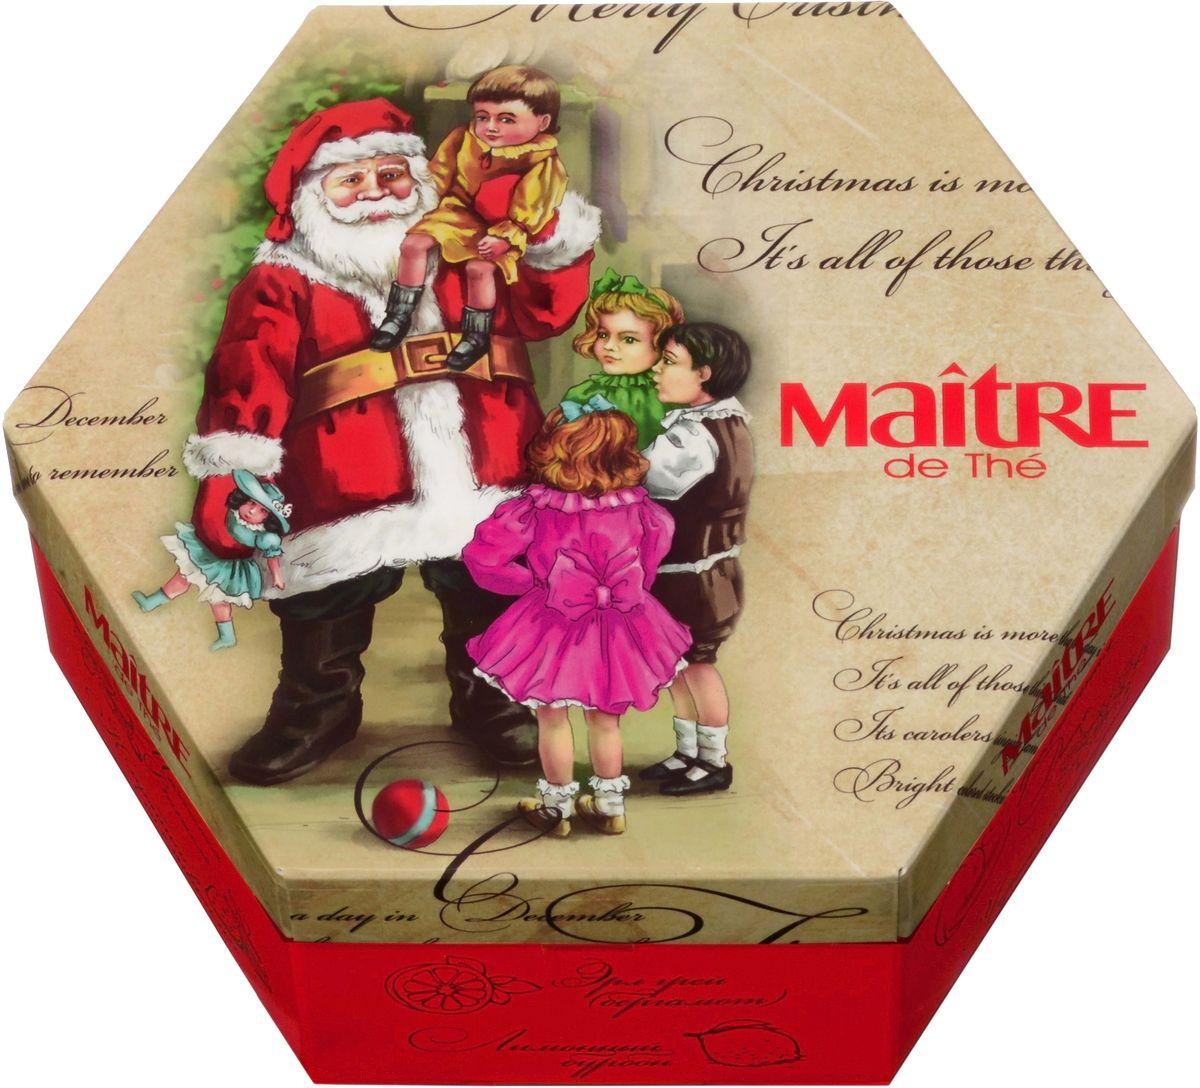 Maitre набор пакетированного чая дед мороз и дети, 120 гбаж057Наполнение - пакетированный чай в металлизированных конвертах, 12 (6 чер/6 зел) вкусов из регулярной коллекции Maitre de The: зеленый: лотос и роза, жасмин, малина, клубника, лайм, мята; черный: клубника со сливками, мятная ваниль, лимонный бурбон, ароматная дыня, бергамот, черная смородина.